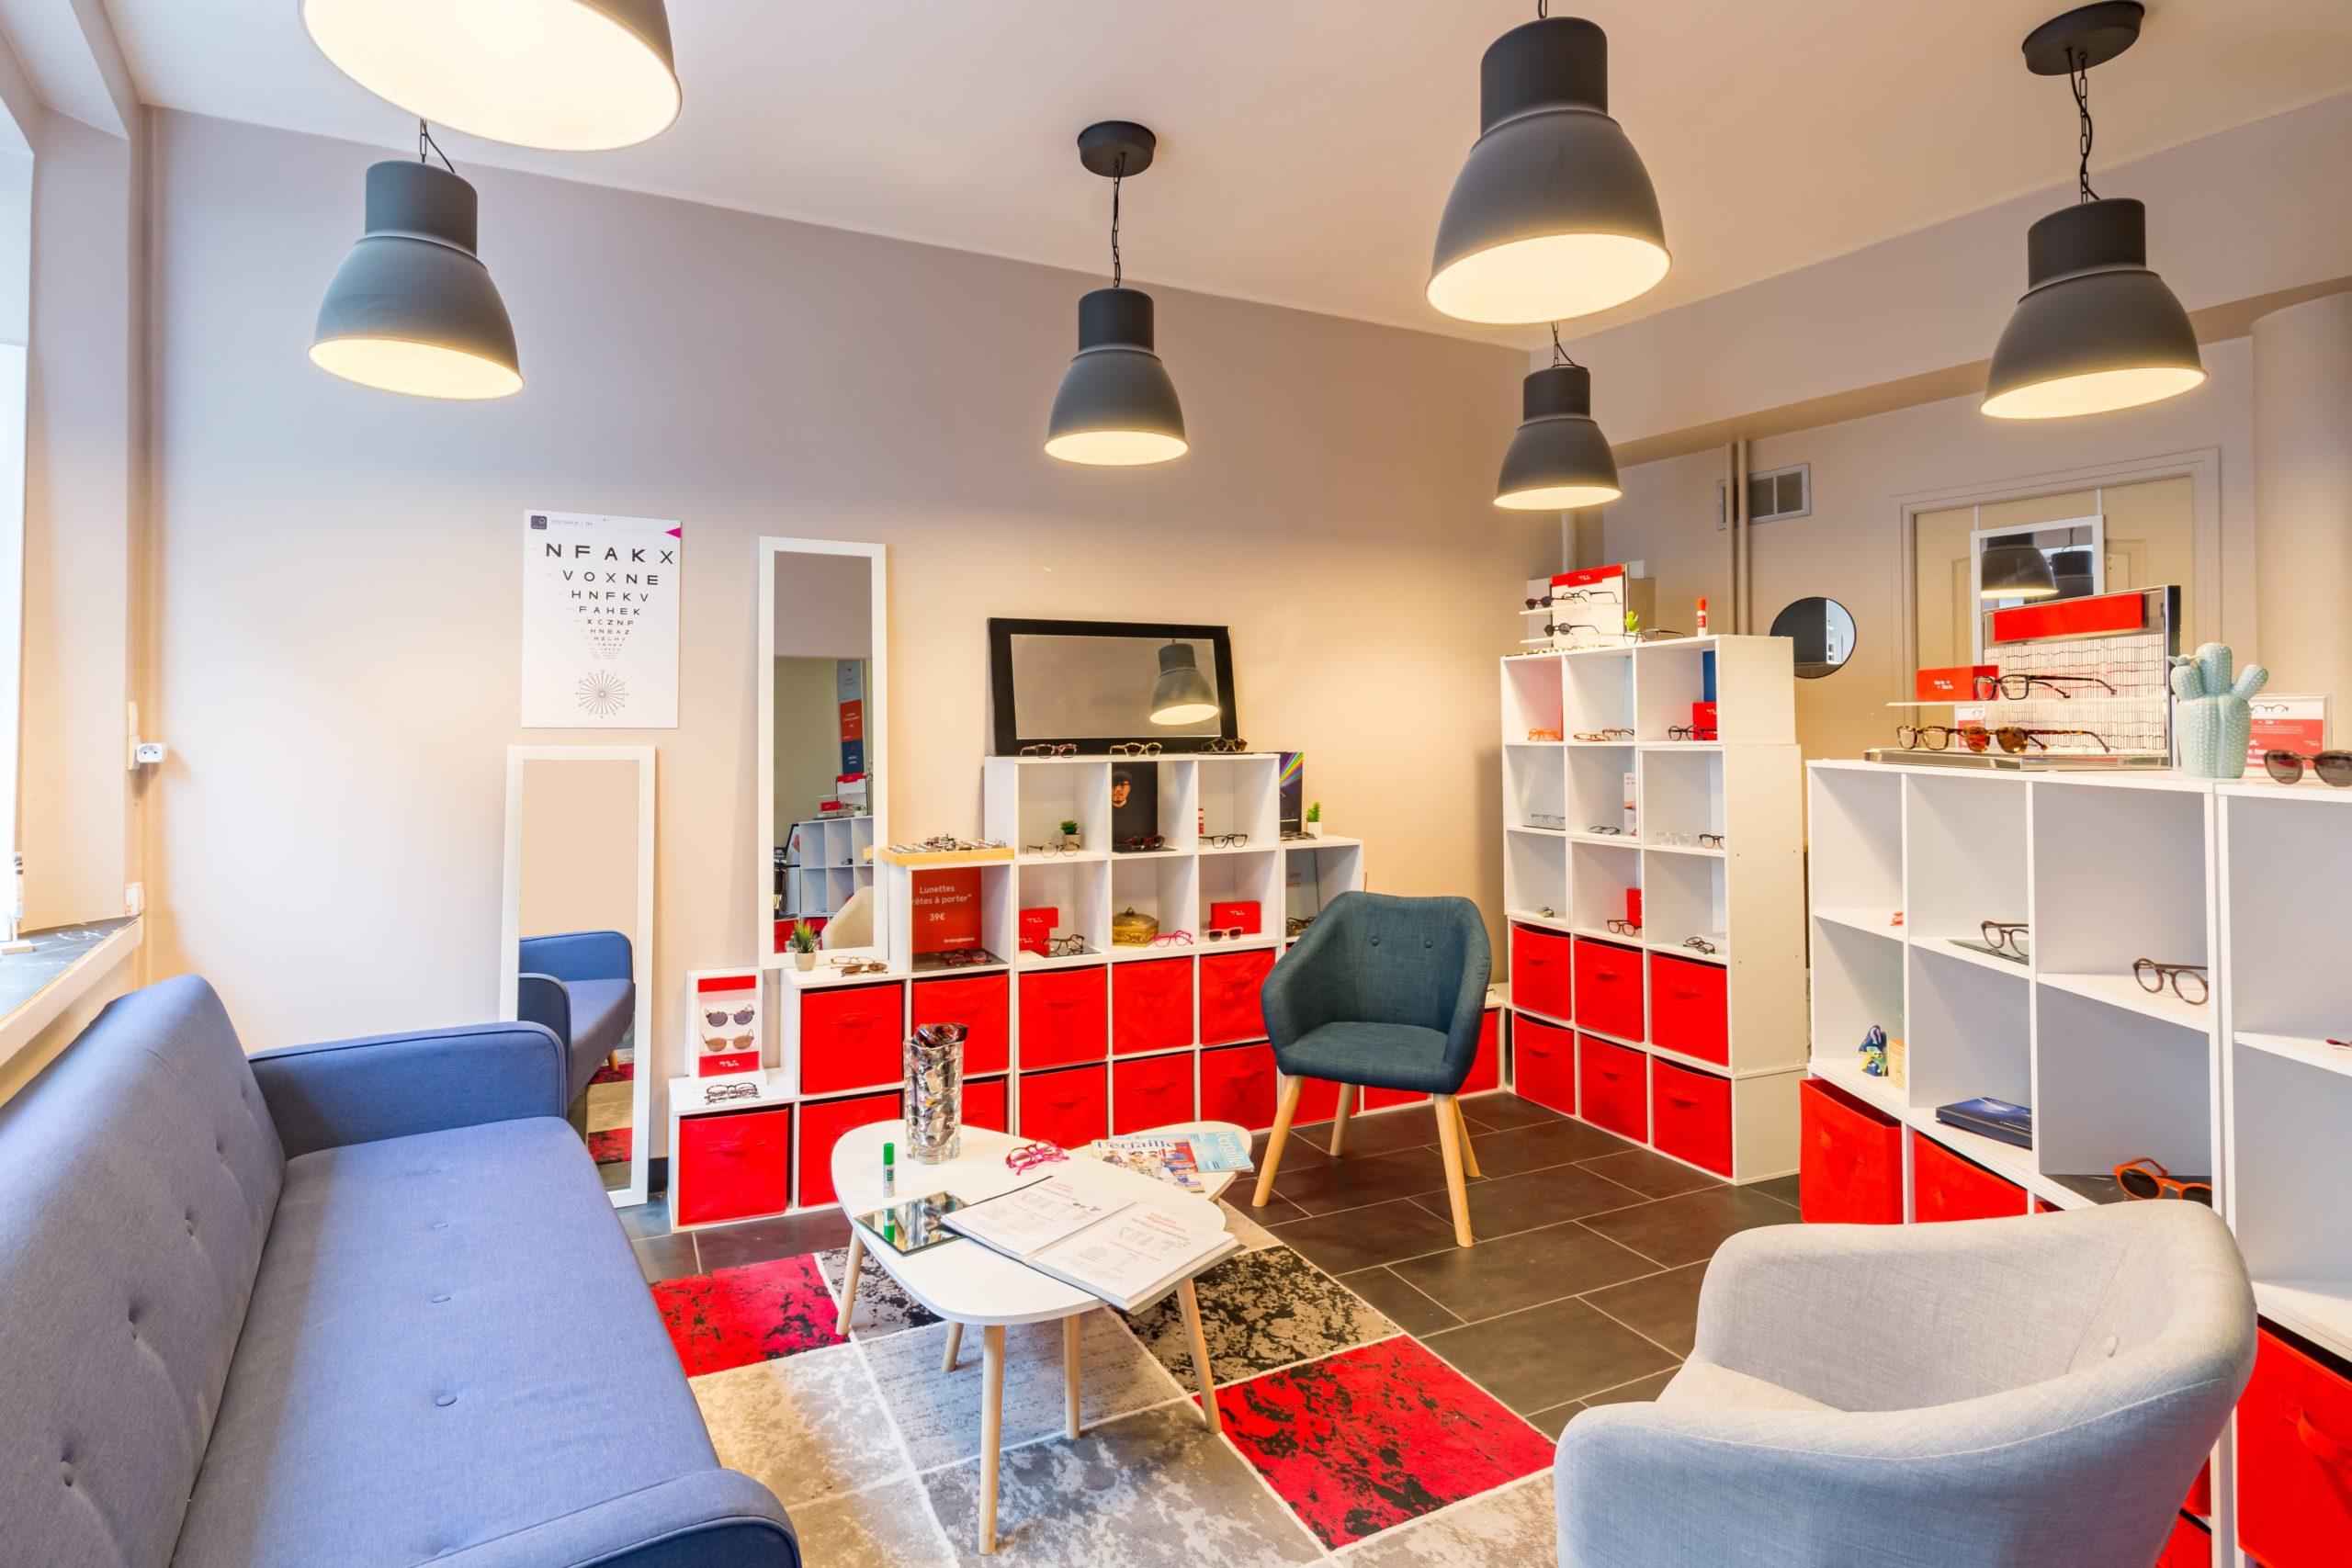 Atelier-Boutique-Vite-Vu-Bien-Vu-Porchefontaine-Lunettes